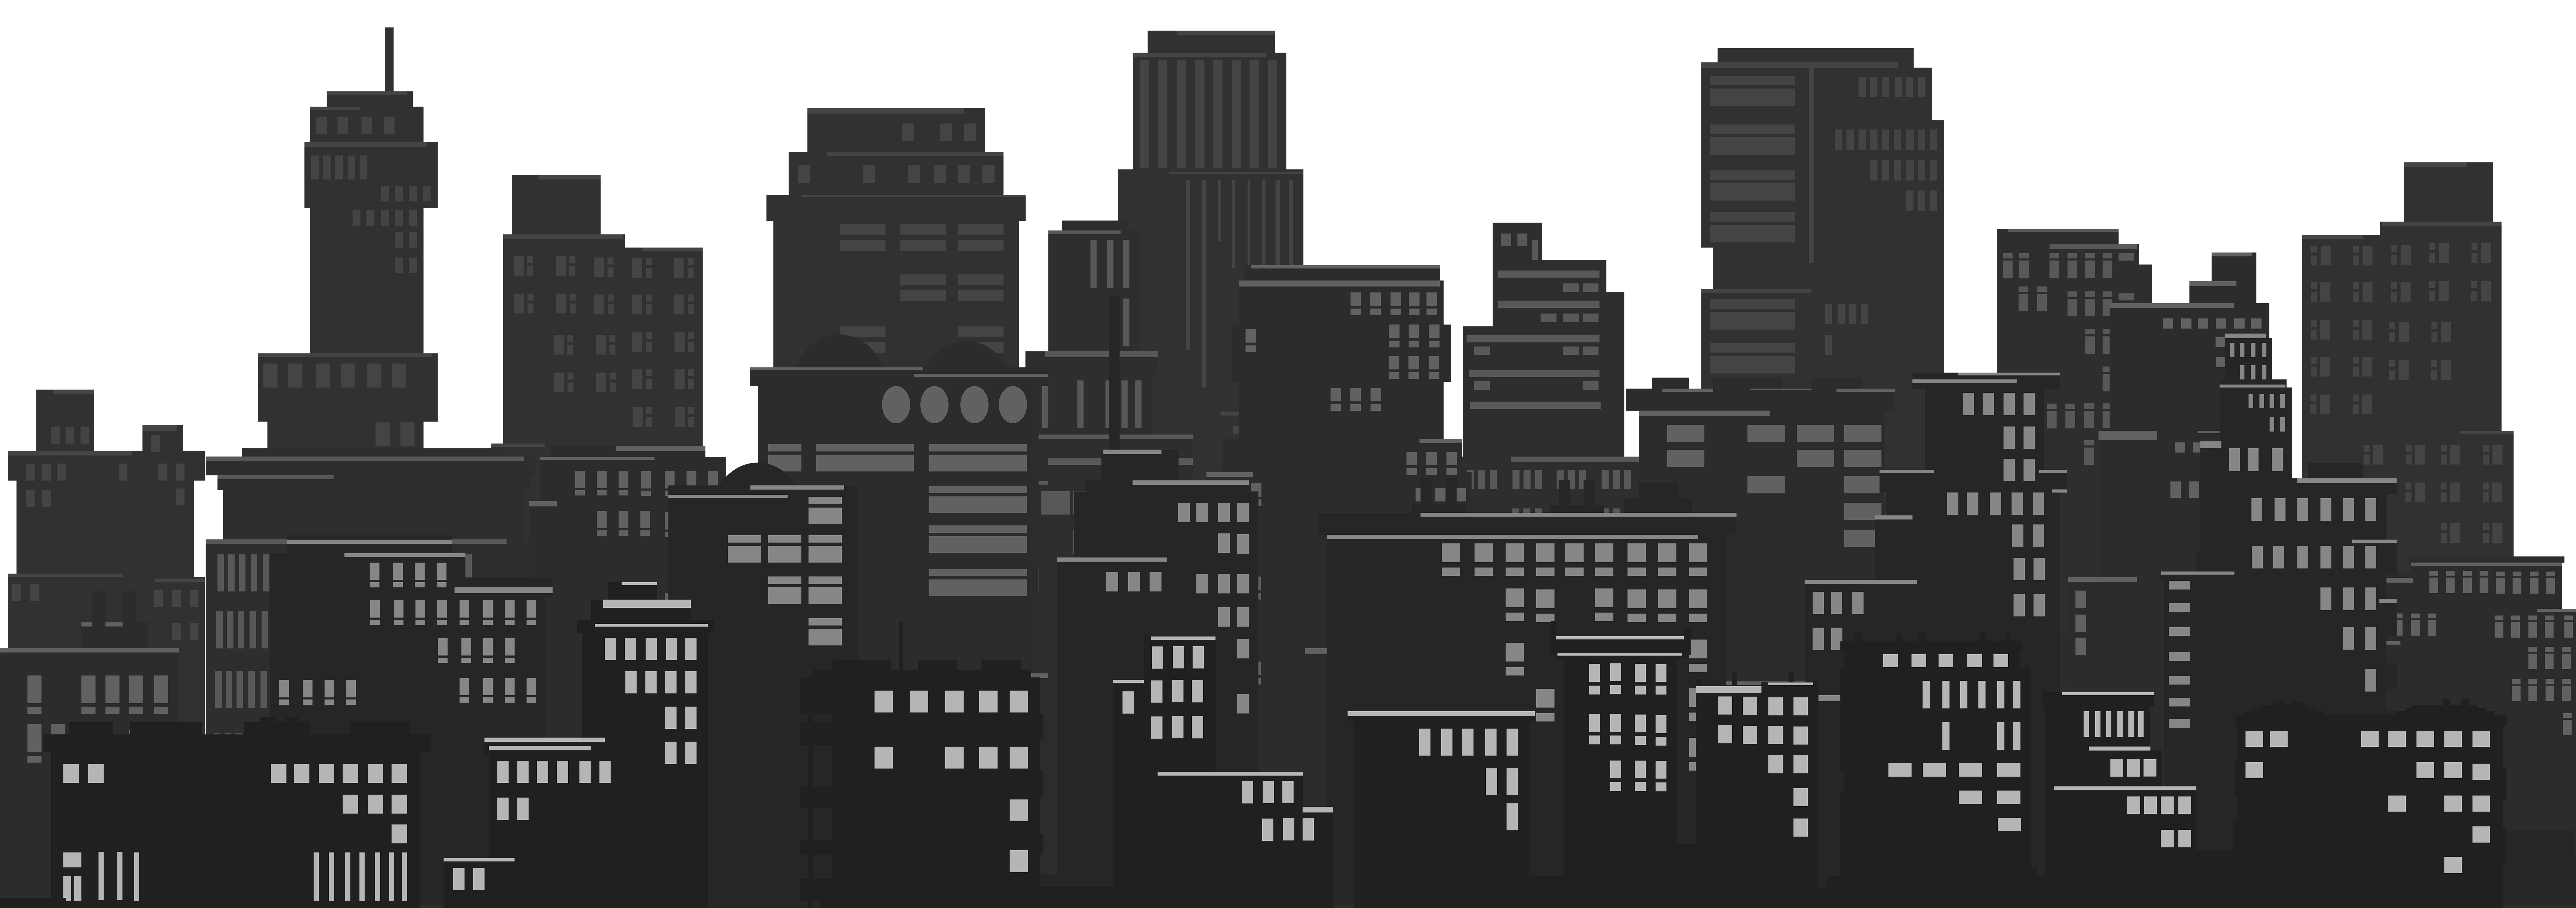 Silhouette clip art image. Cityscape clipart